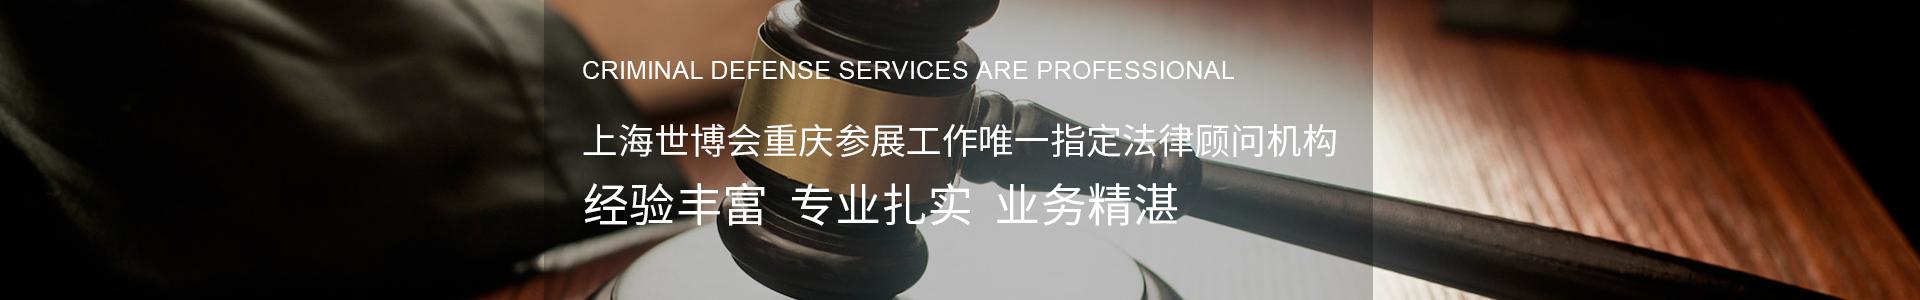 重庆万博网页在线登录事务